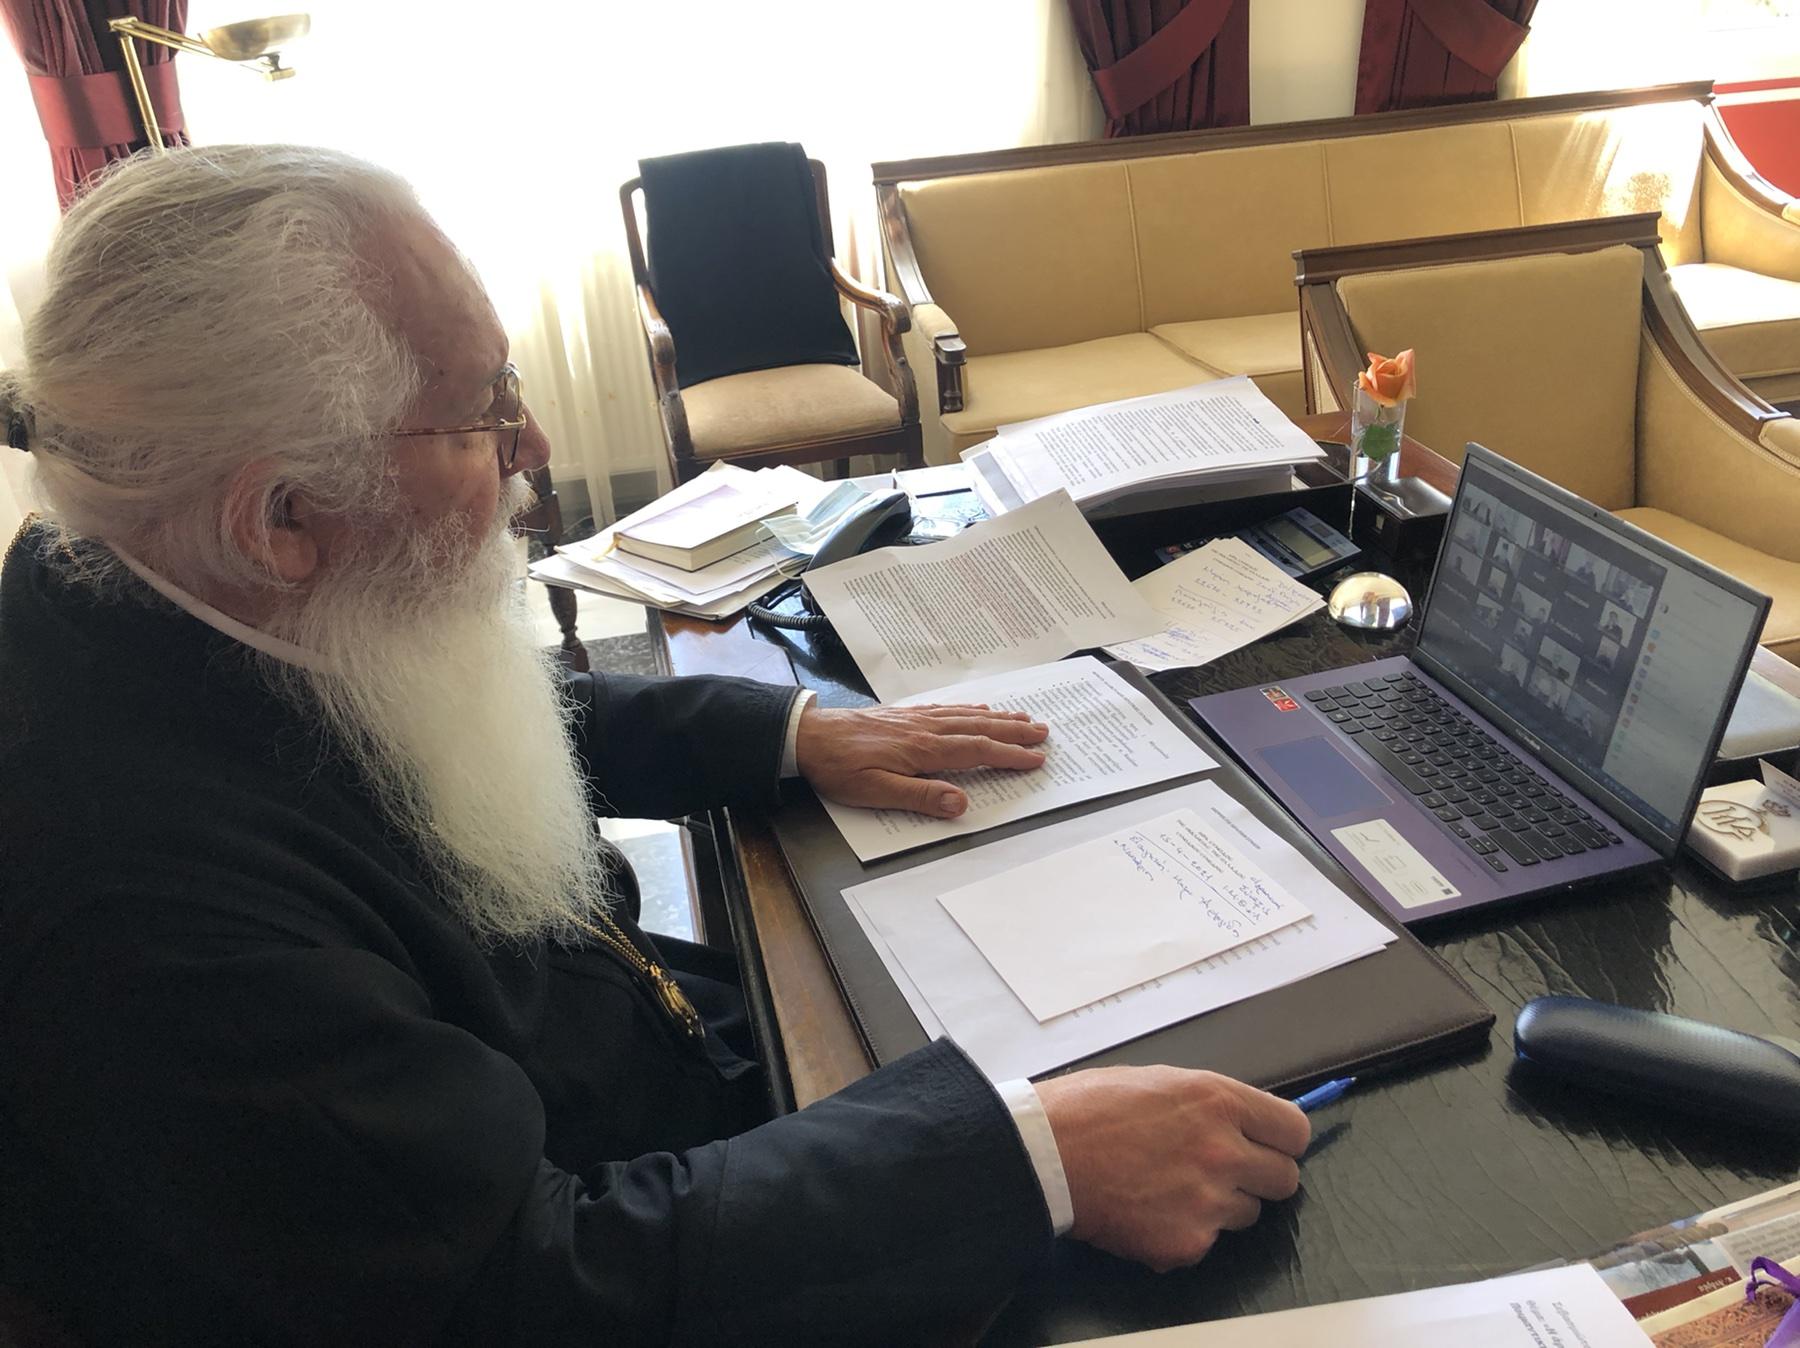 Διαδικτυακή ιερατική σύναξη της Ιεράς Μητροπόλεως Θηβών και Λεβαδείας